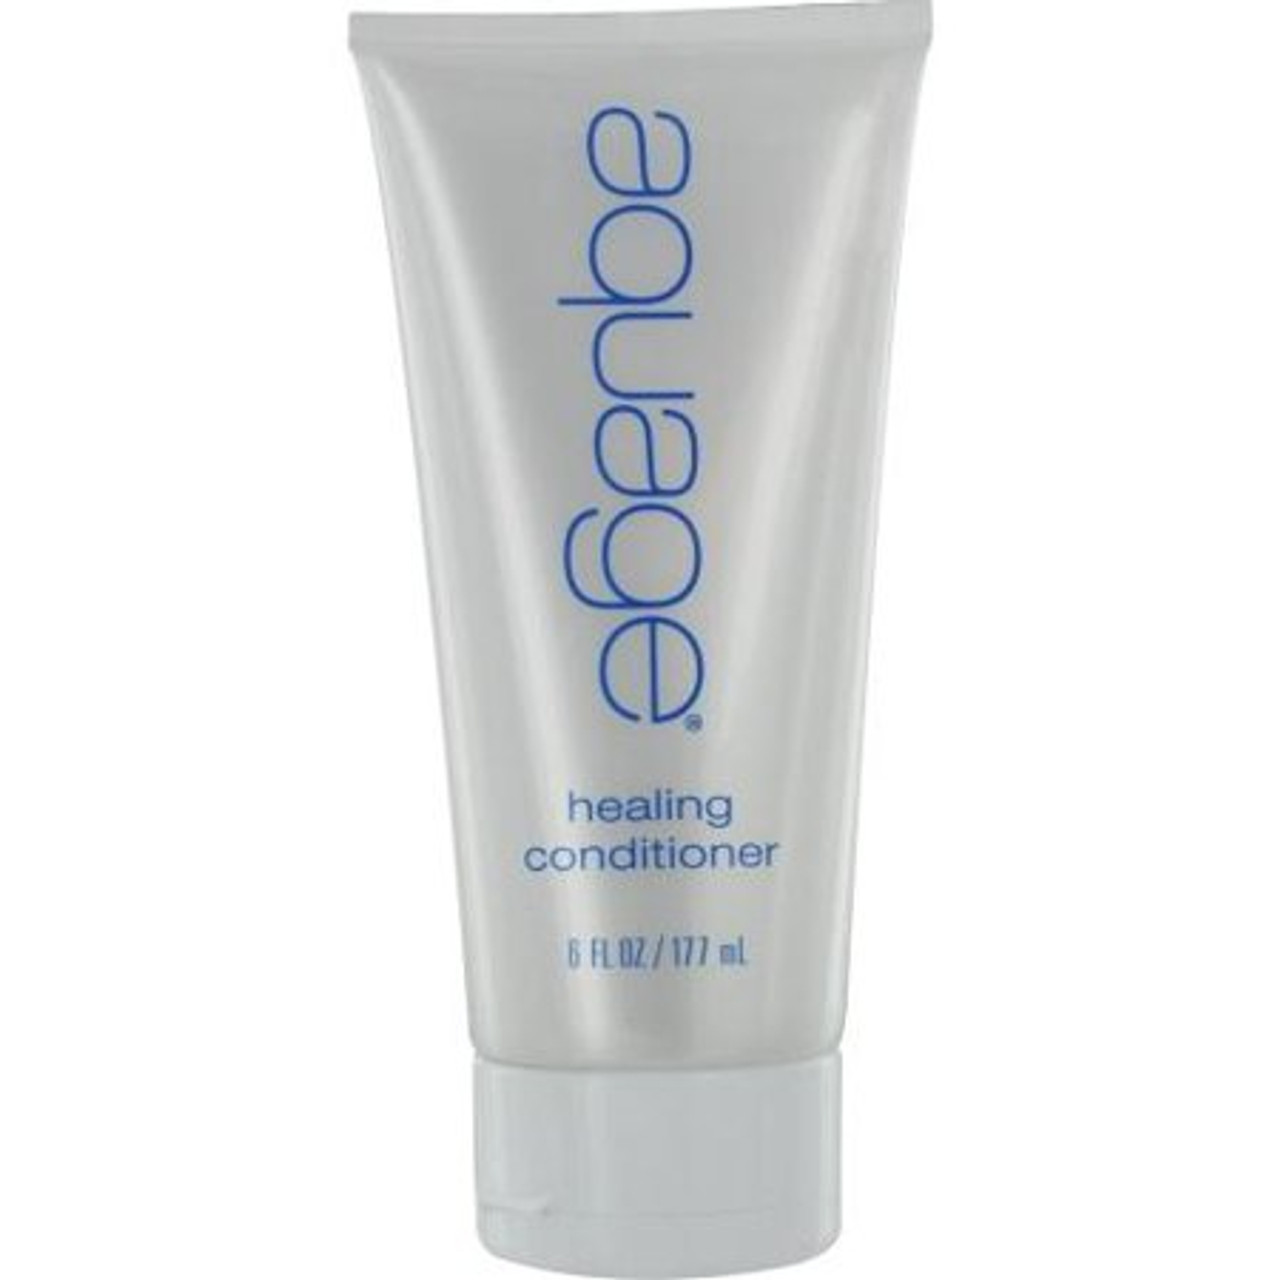 Aquage Healing Conditioner, 6 oz